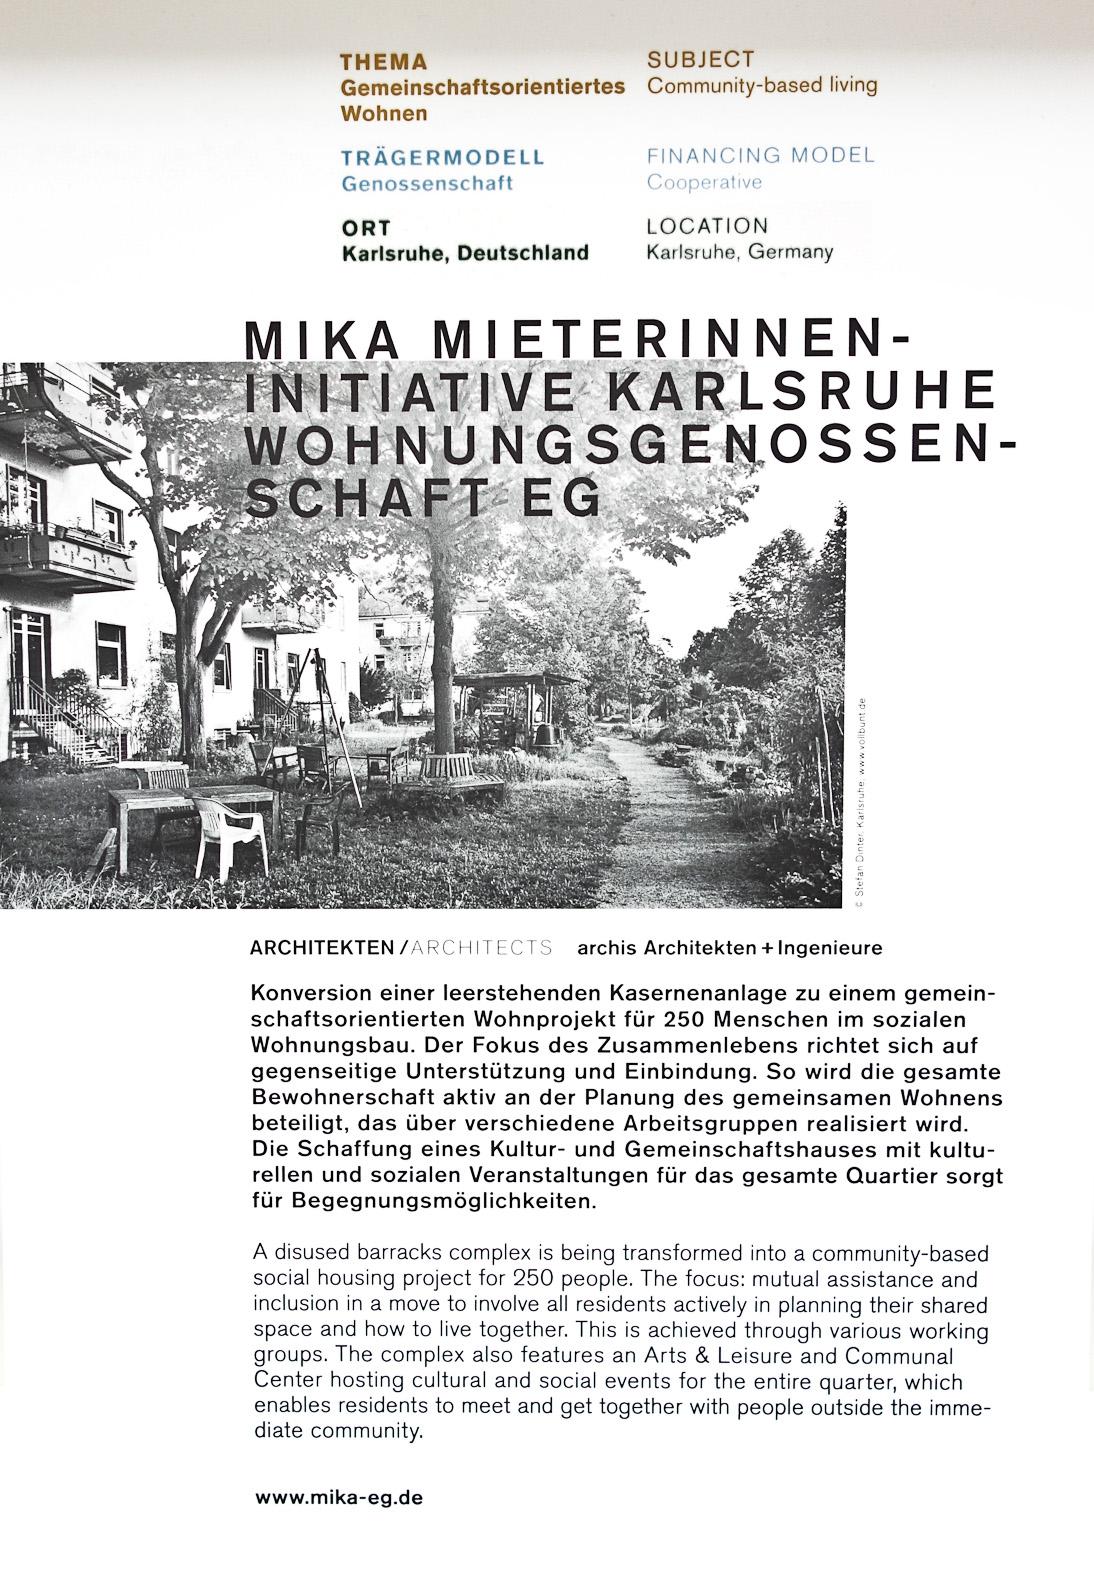 Stadtportrai im Deutschen Architekturmuseum DAM